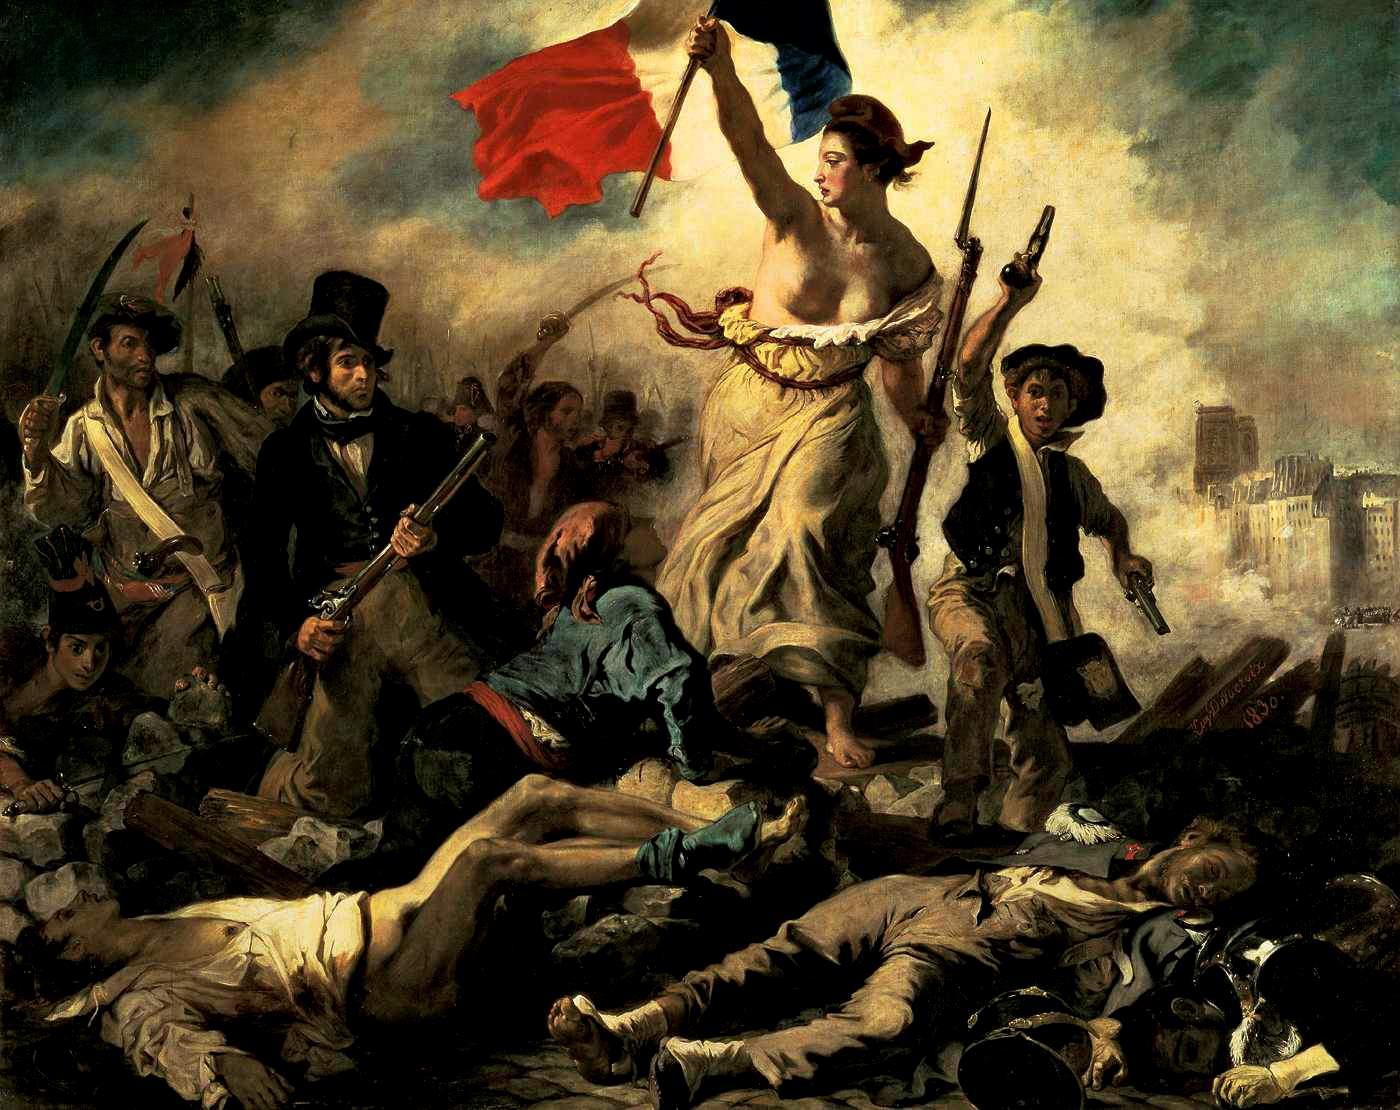 Eugène Delacroix, La liberté guidant le peuple